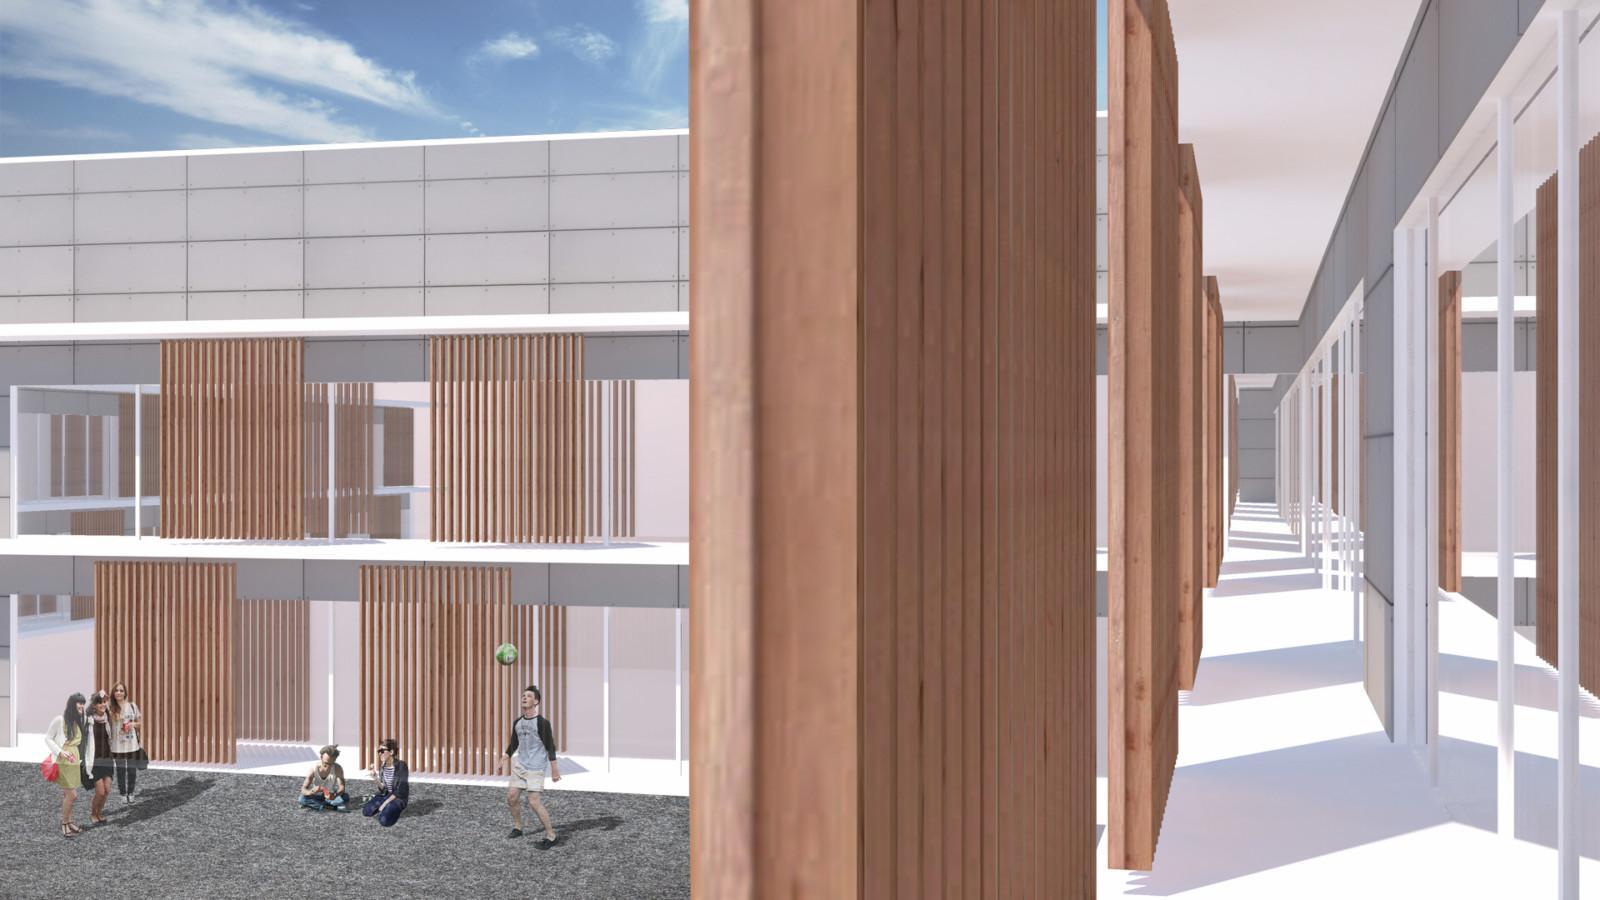 Fassadenvisualisierung Bildungscampus, erstes Konzept